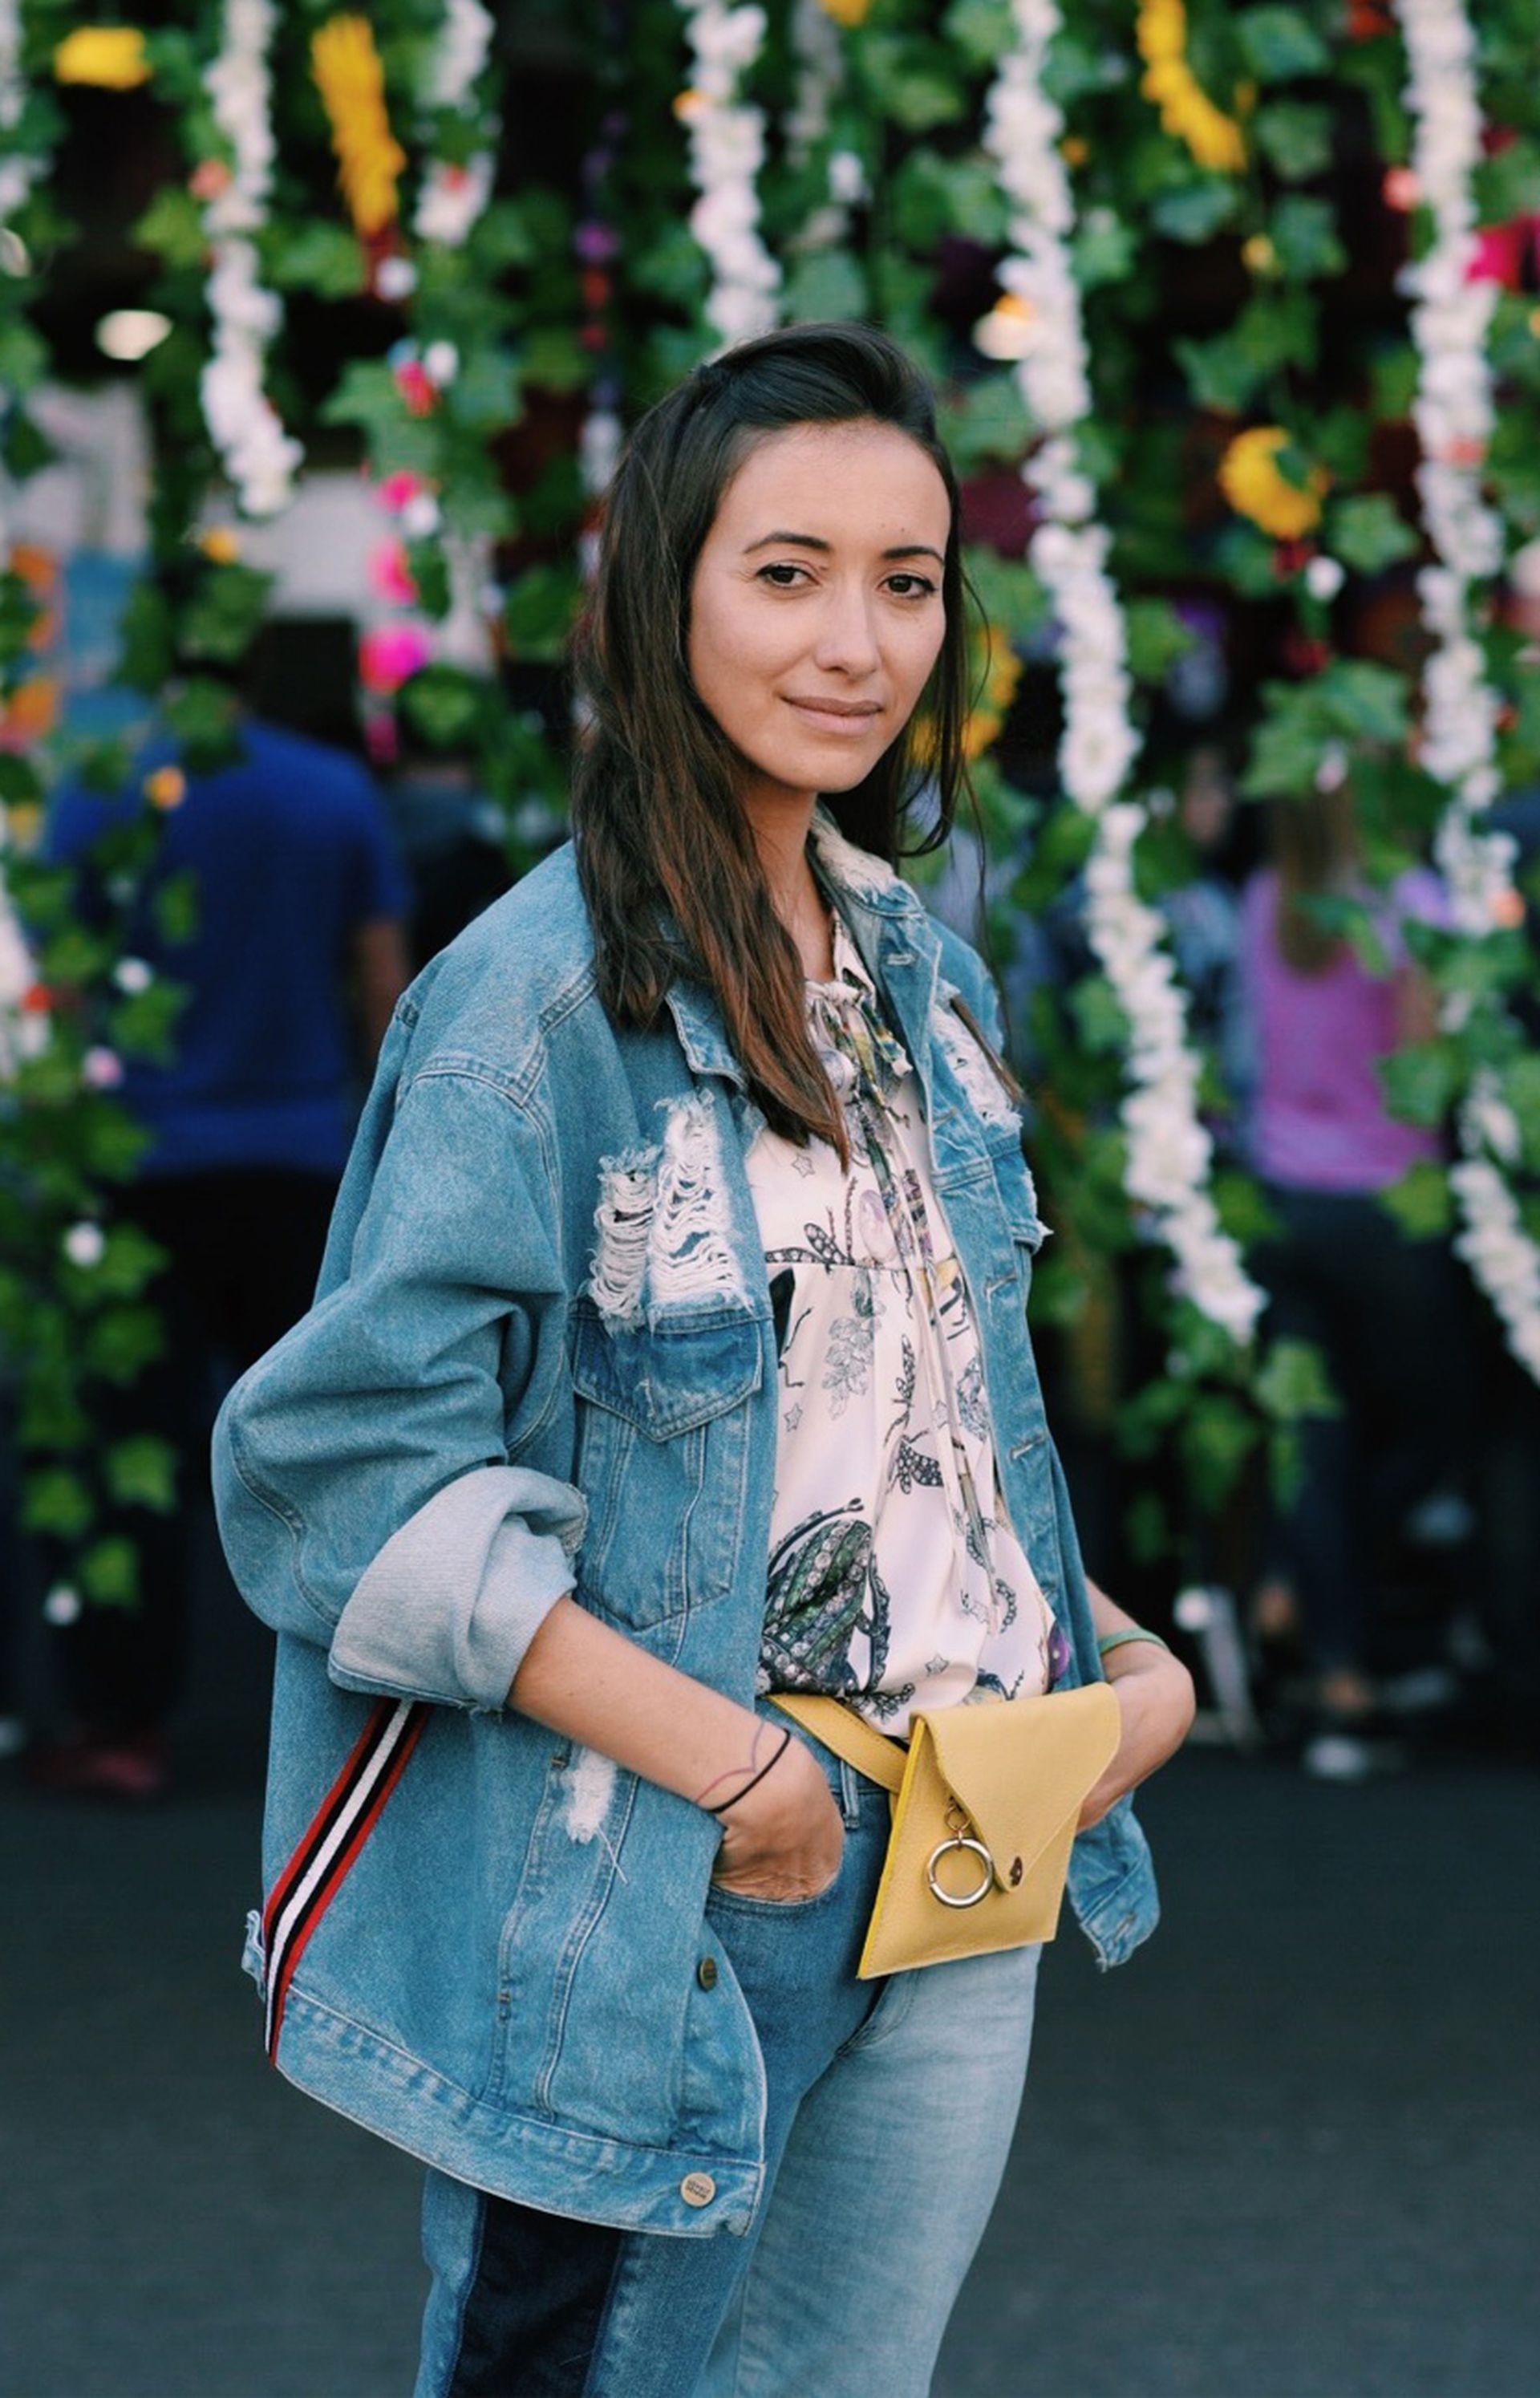 La conexión con la moda es algo que heredó de su mamá, que confeccionaba sus propias prendas